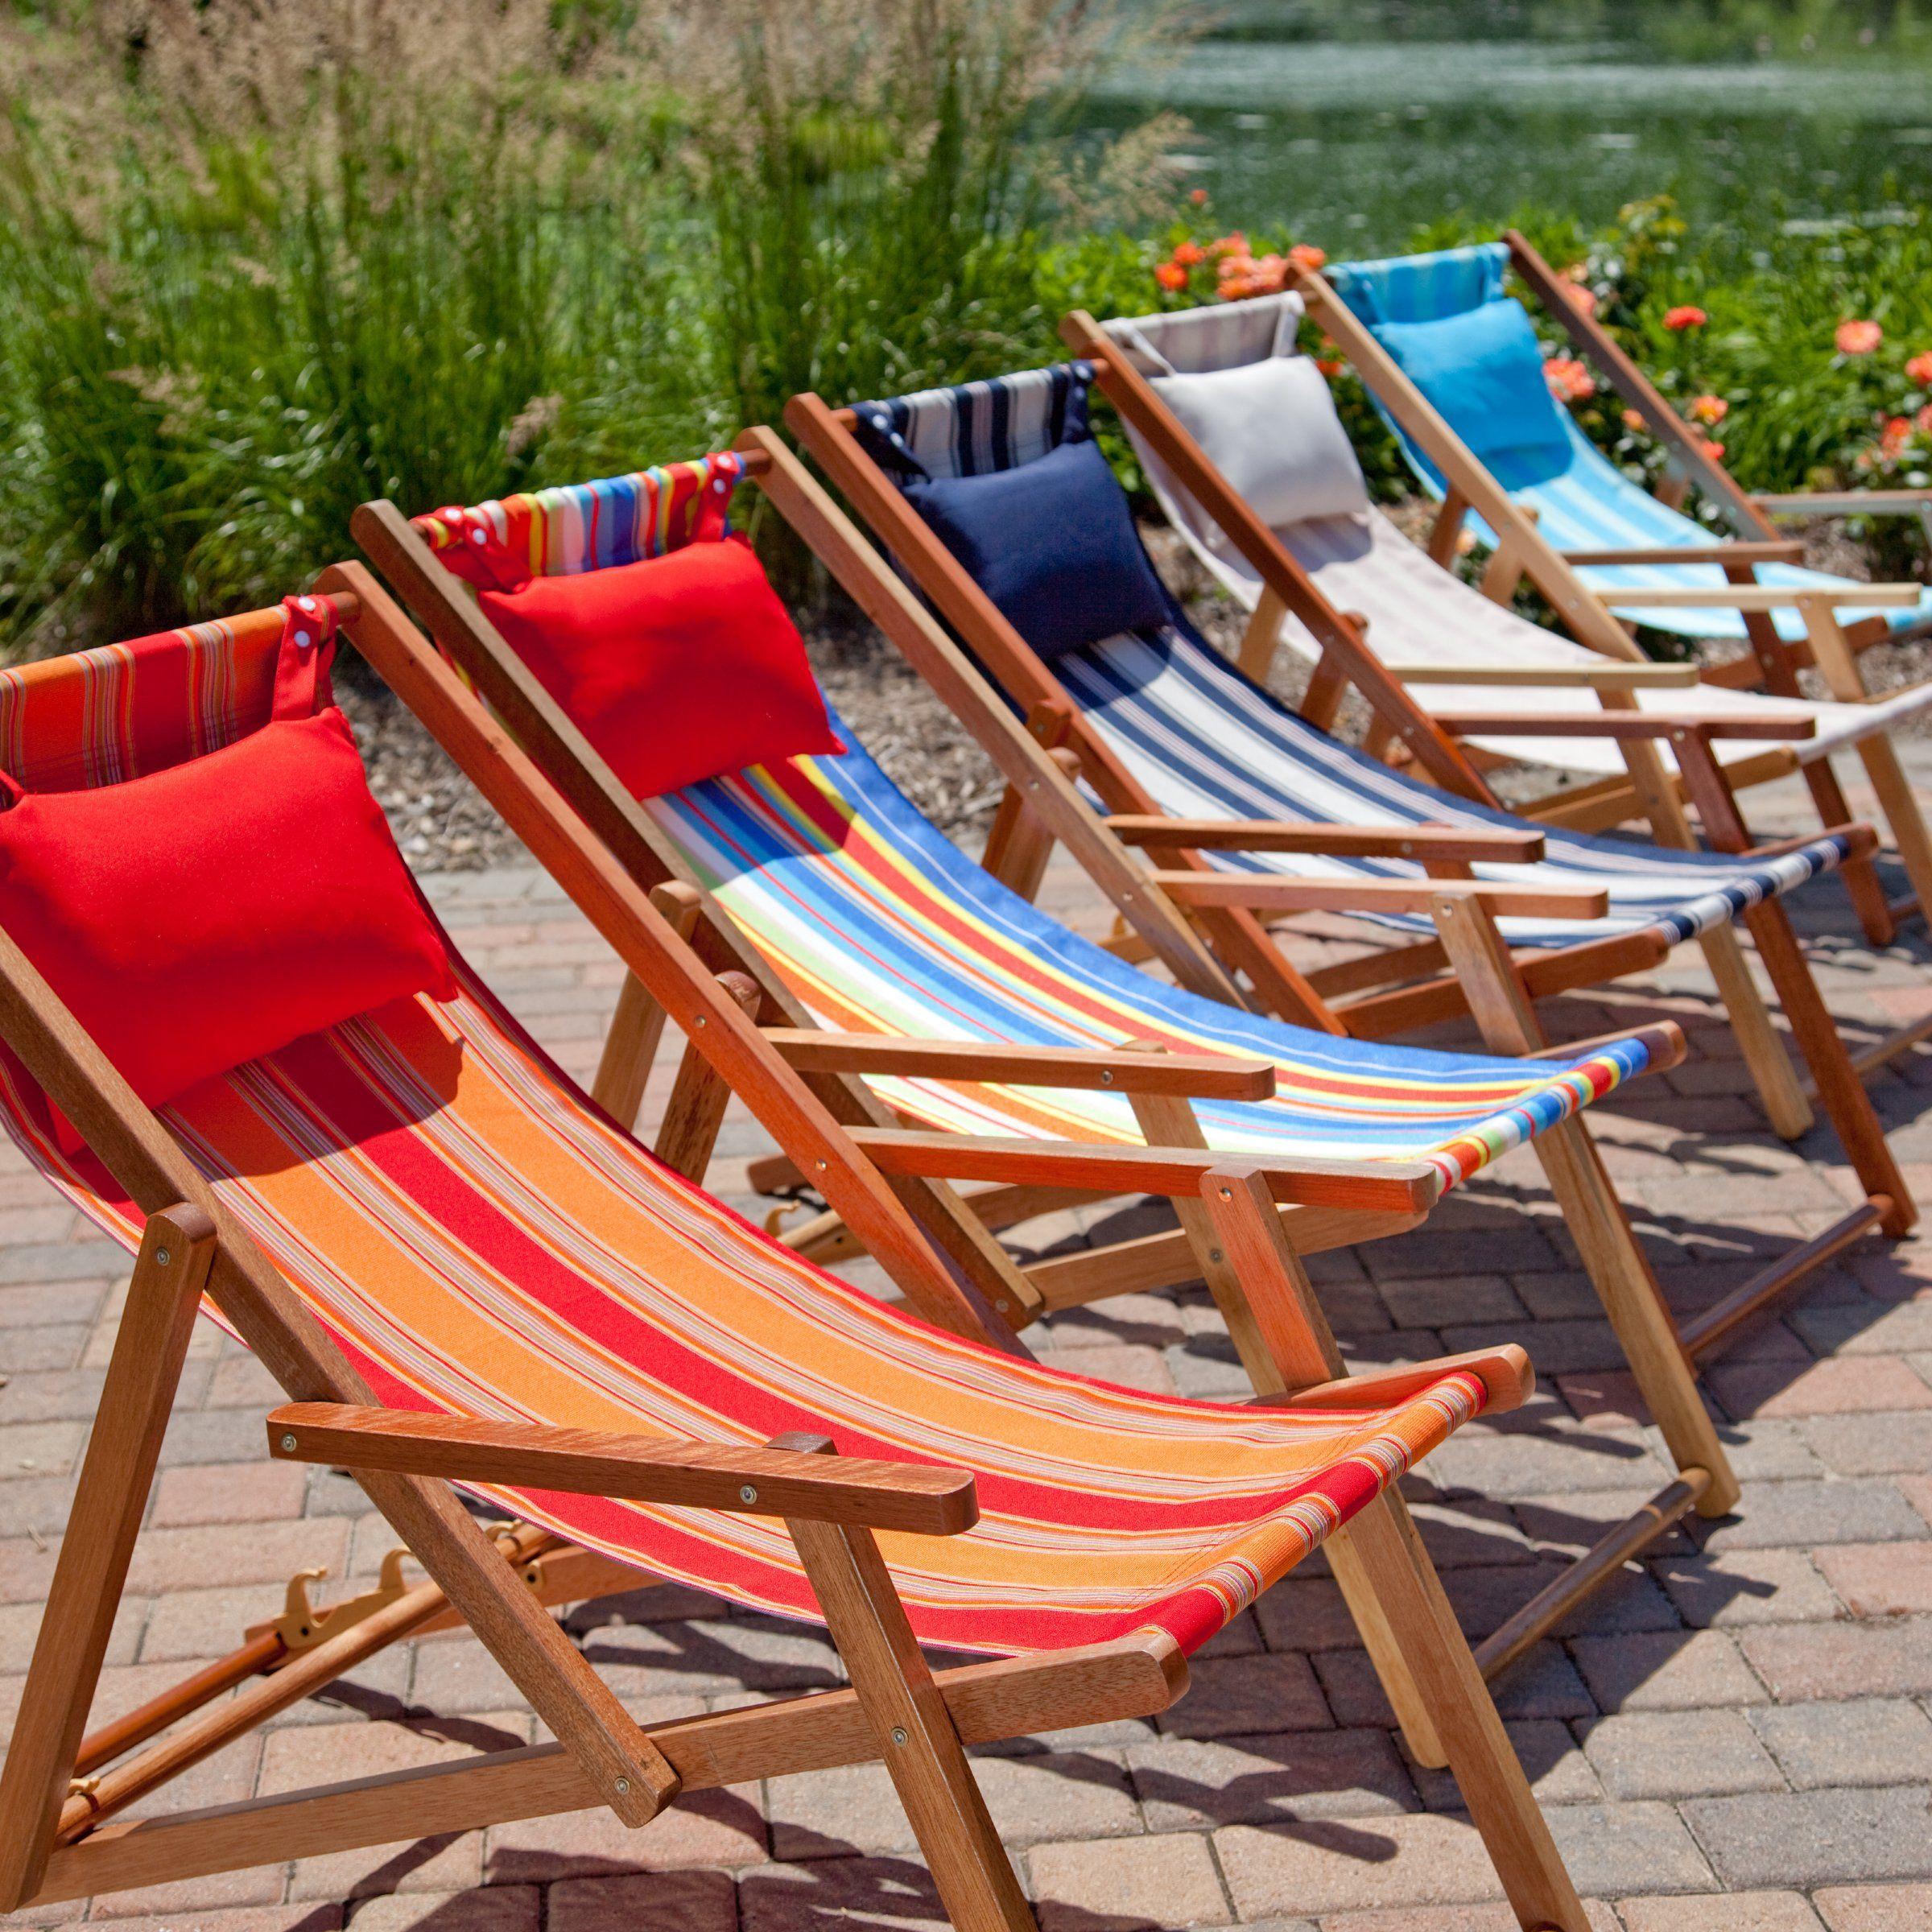 Island Bay Deck and Beach Chair Lounger Beach Chairs at